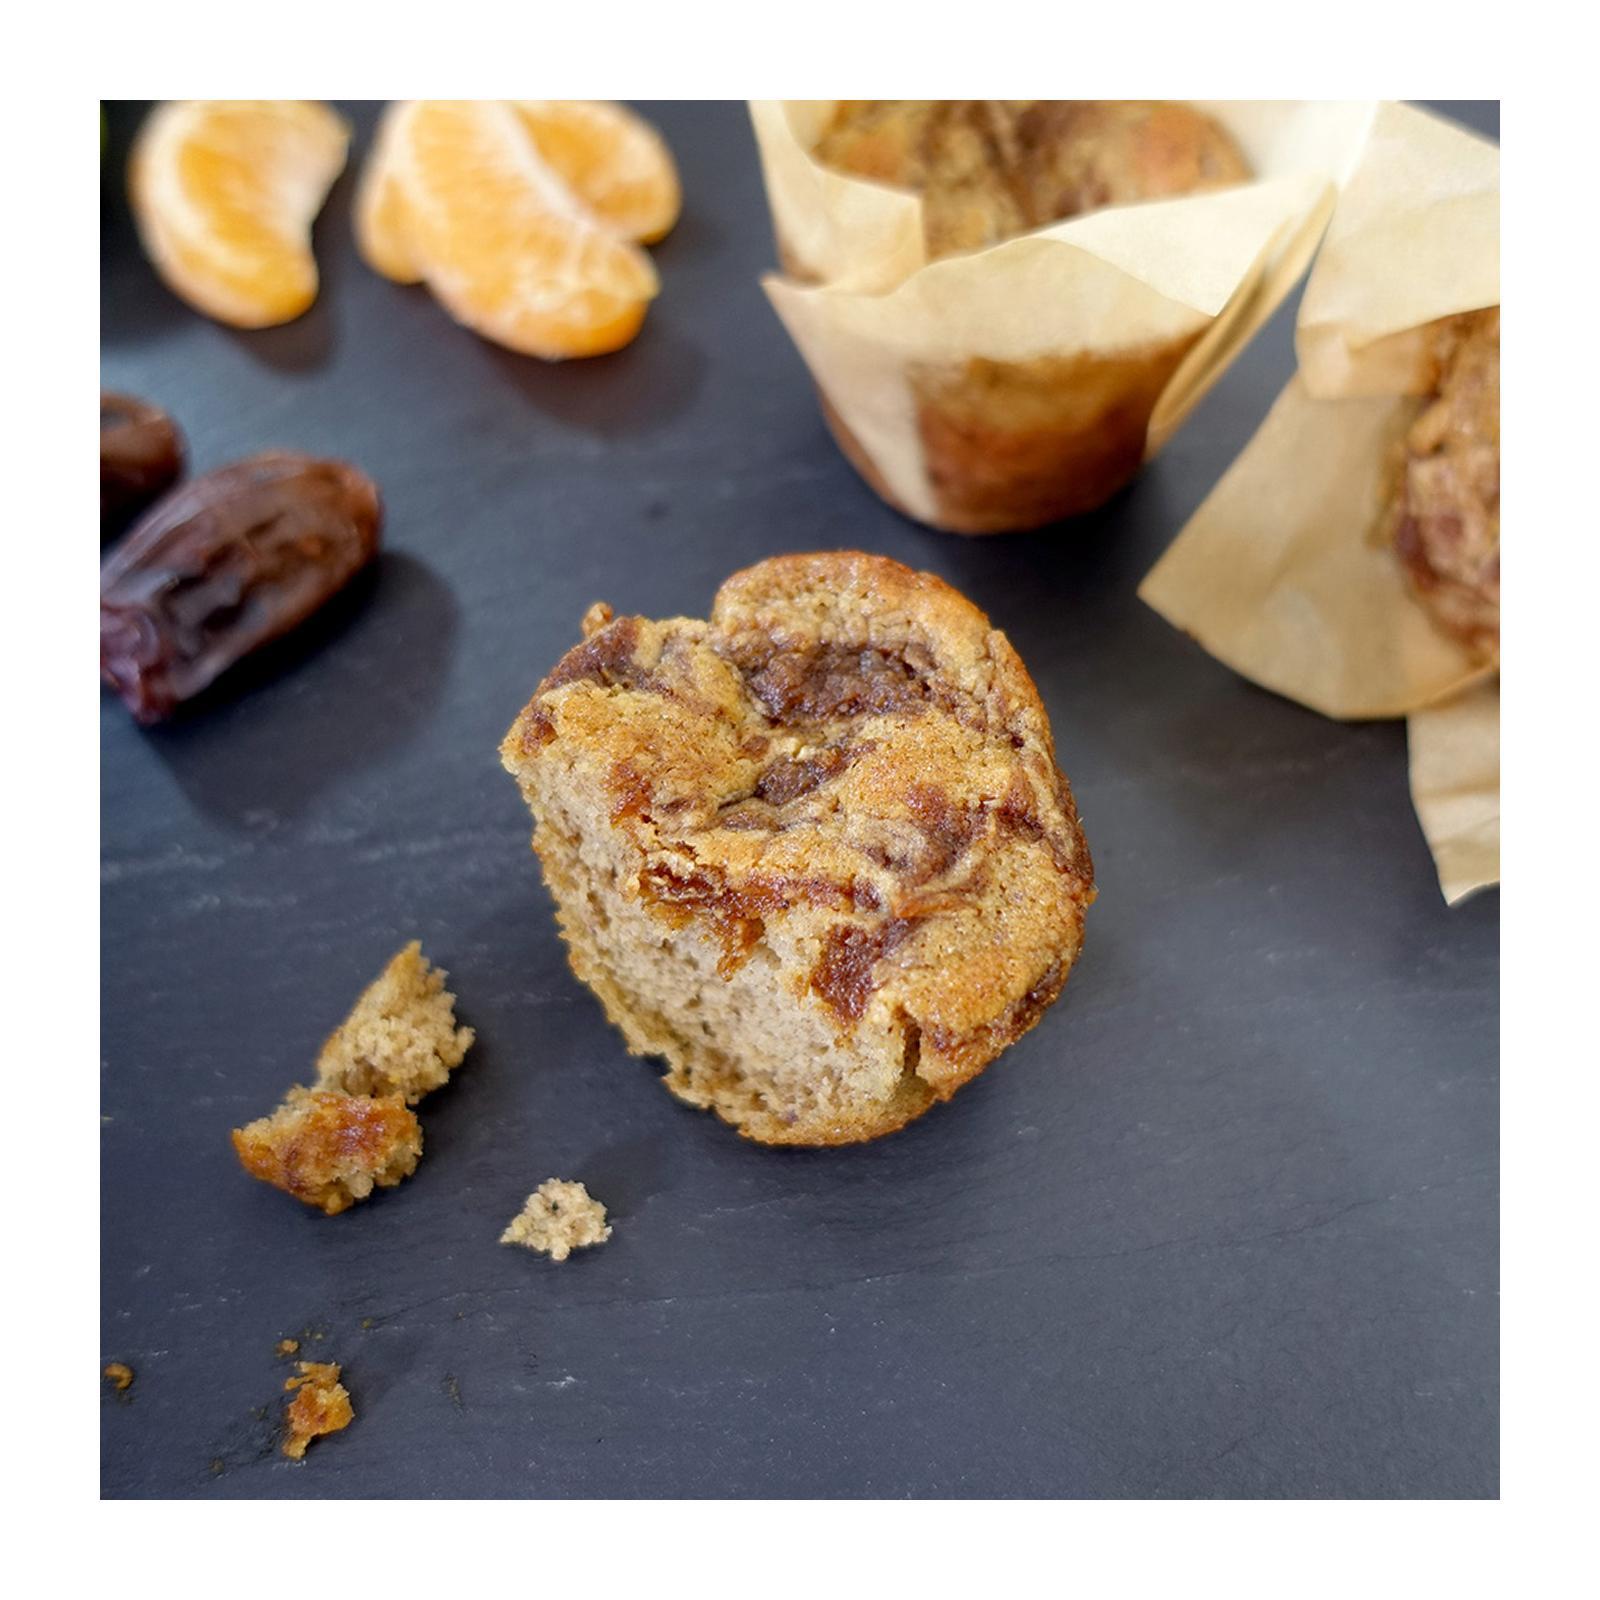 Bakening Flourless Pineapple Jam Muffins (paleo) By Redmart.